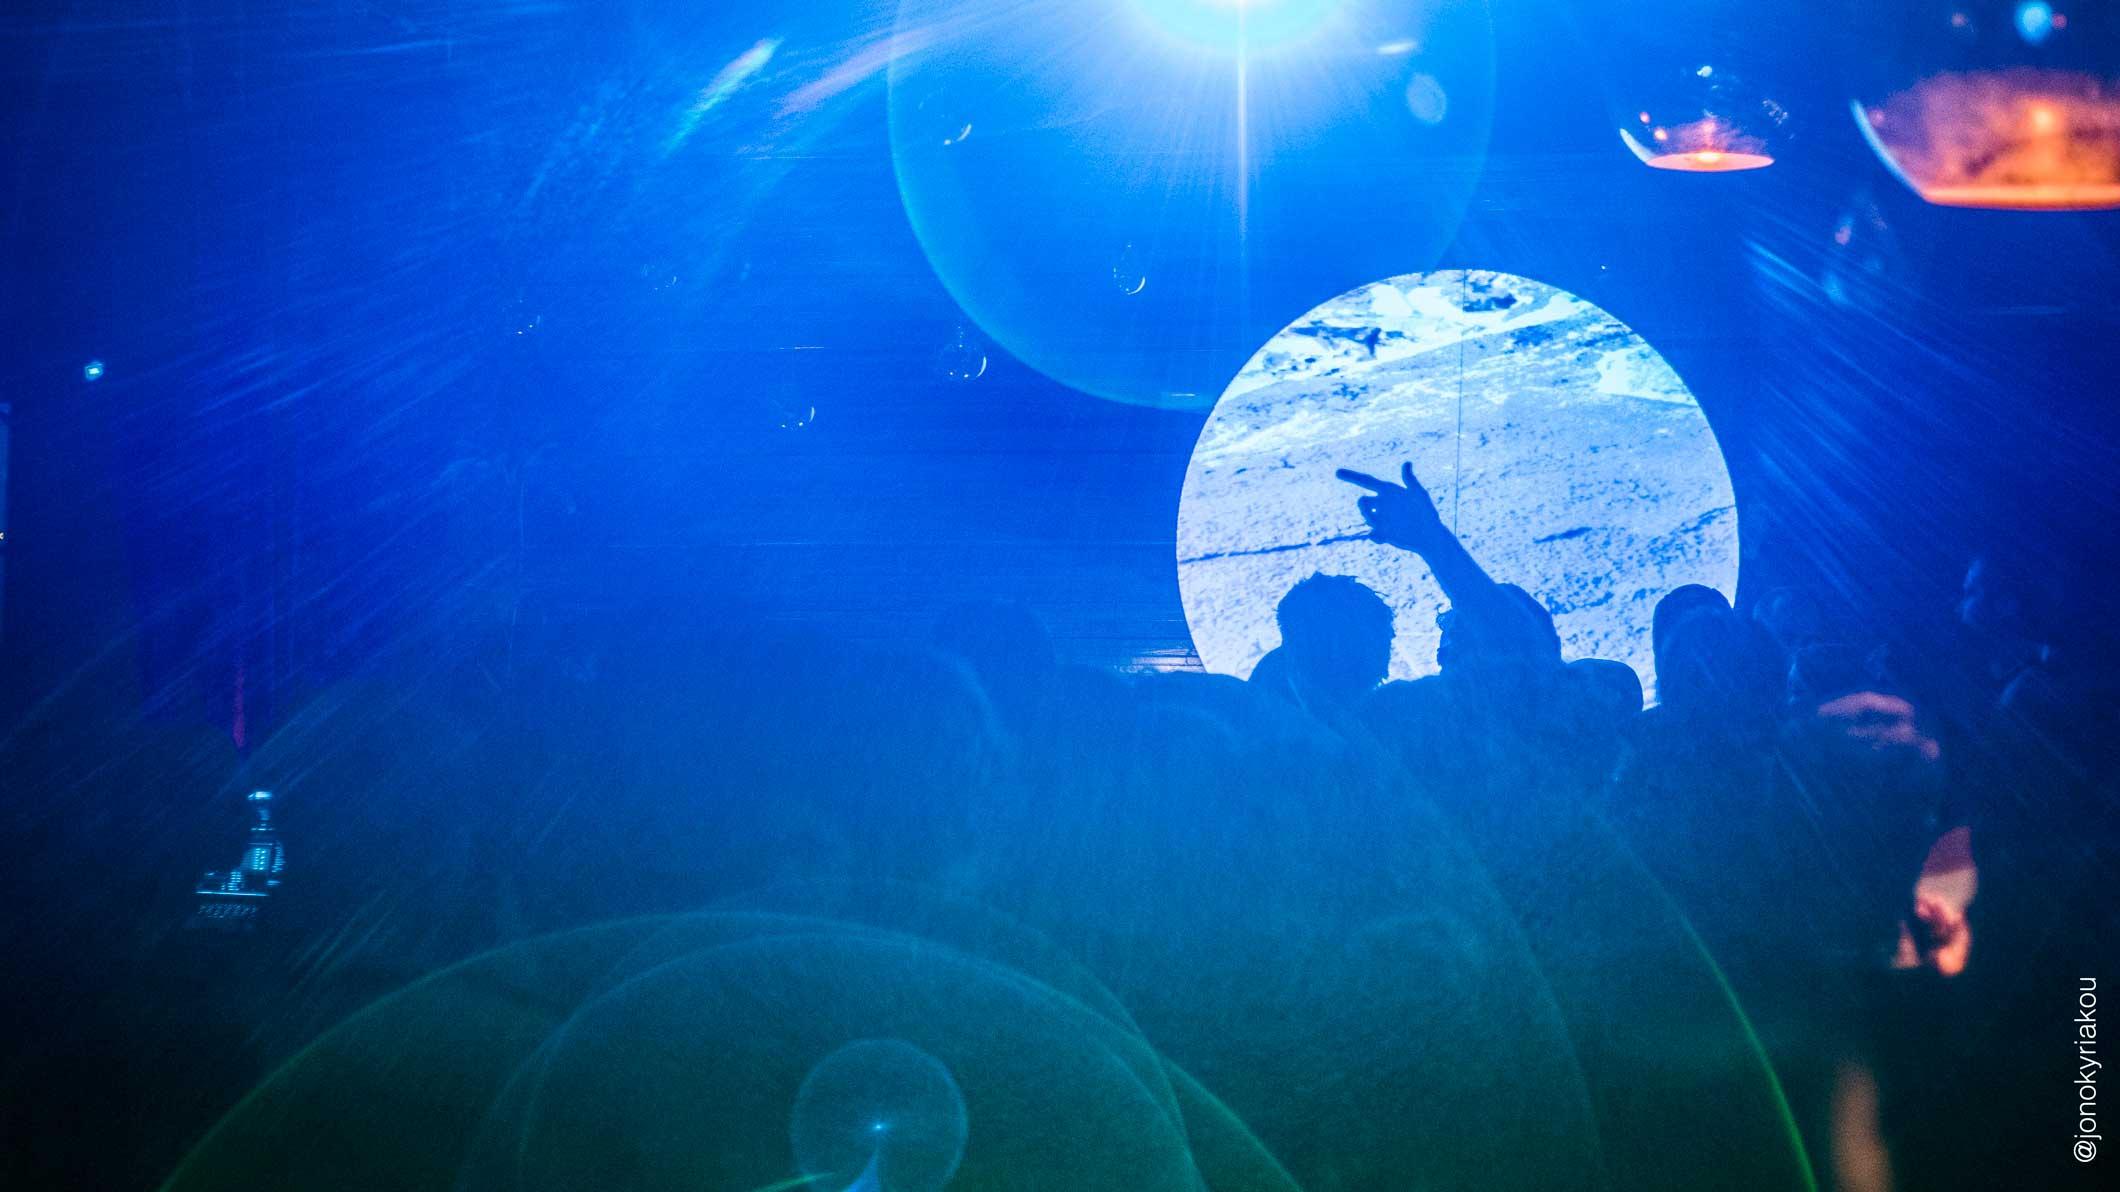 ATOM-VISUALS-BLUE